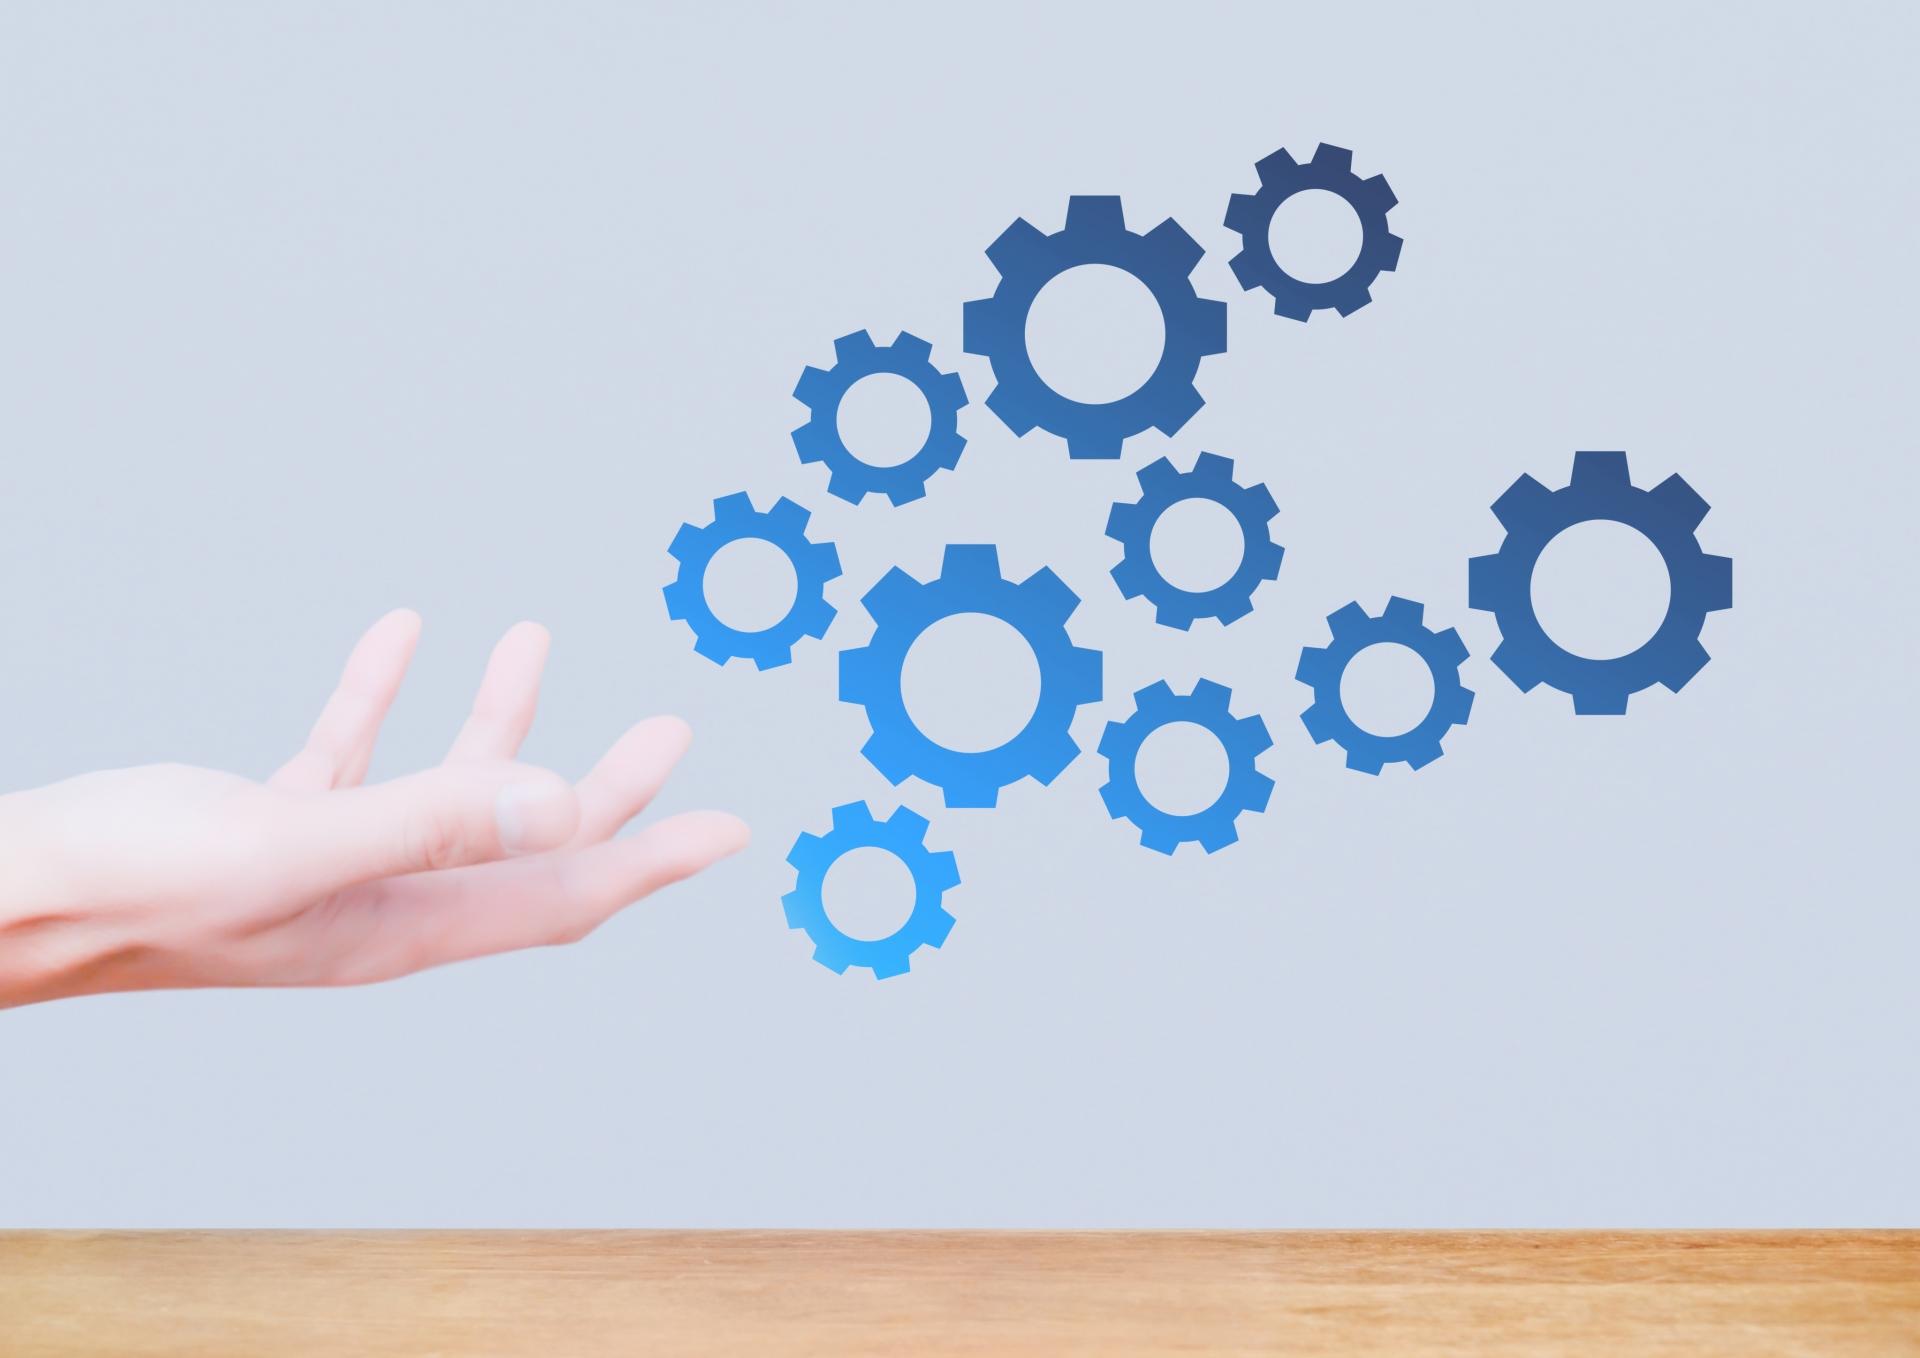 顧客育成に重要な戦略と視点まとめ_ソフトウェア